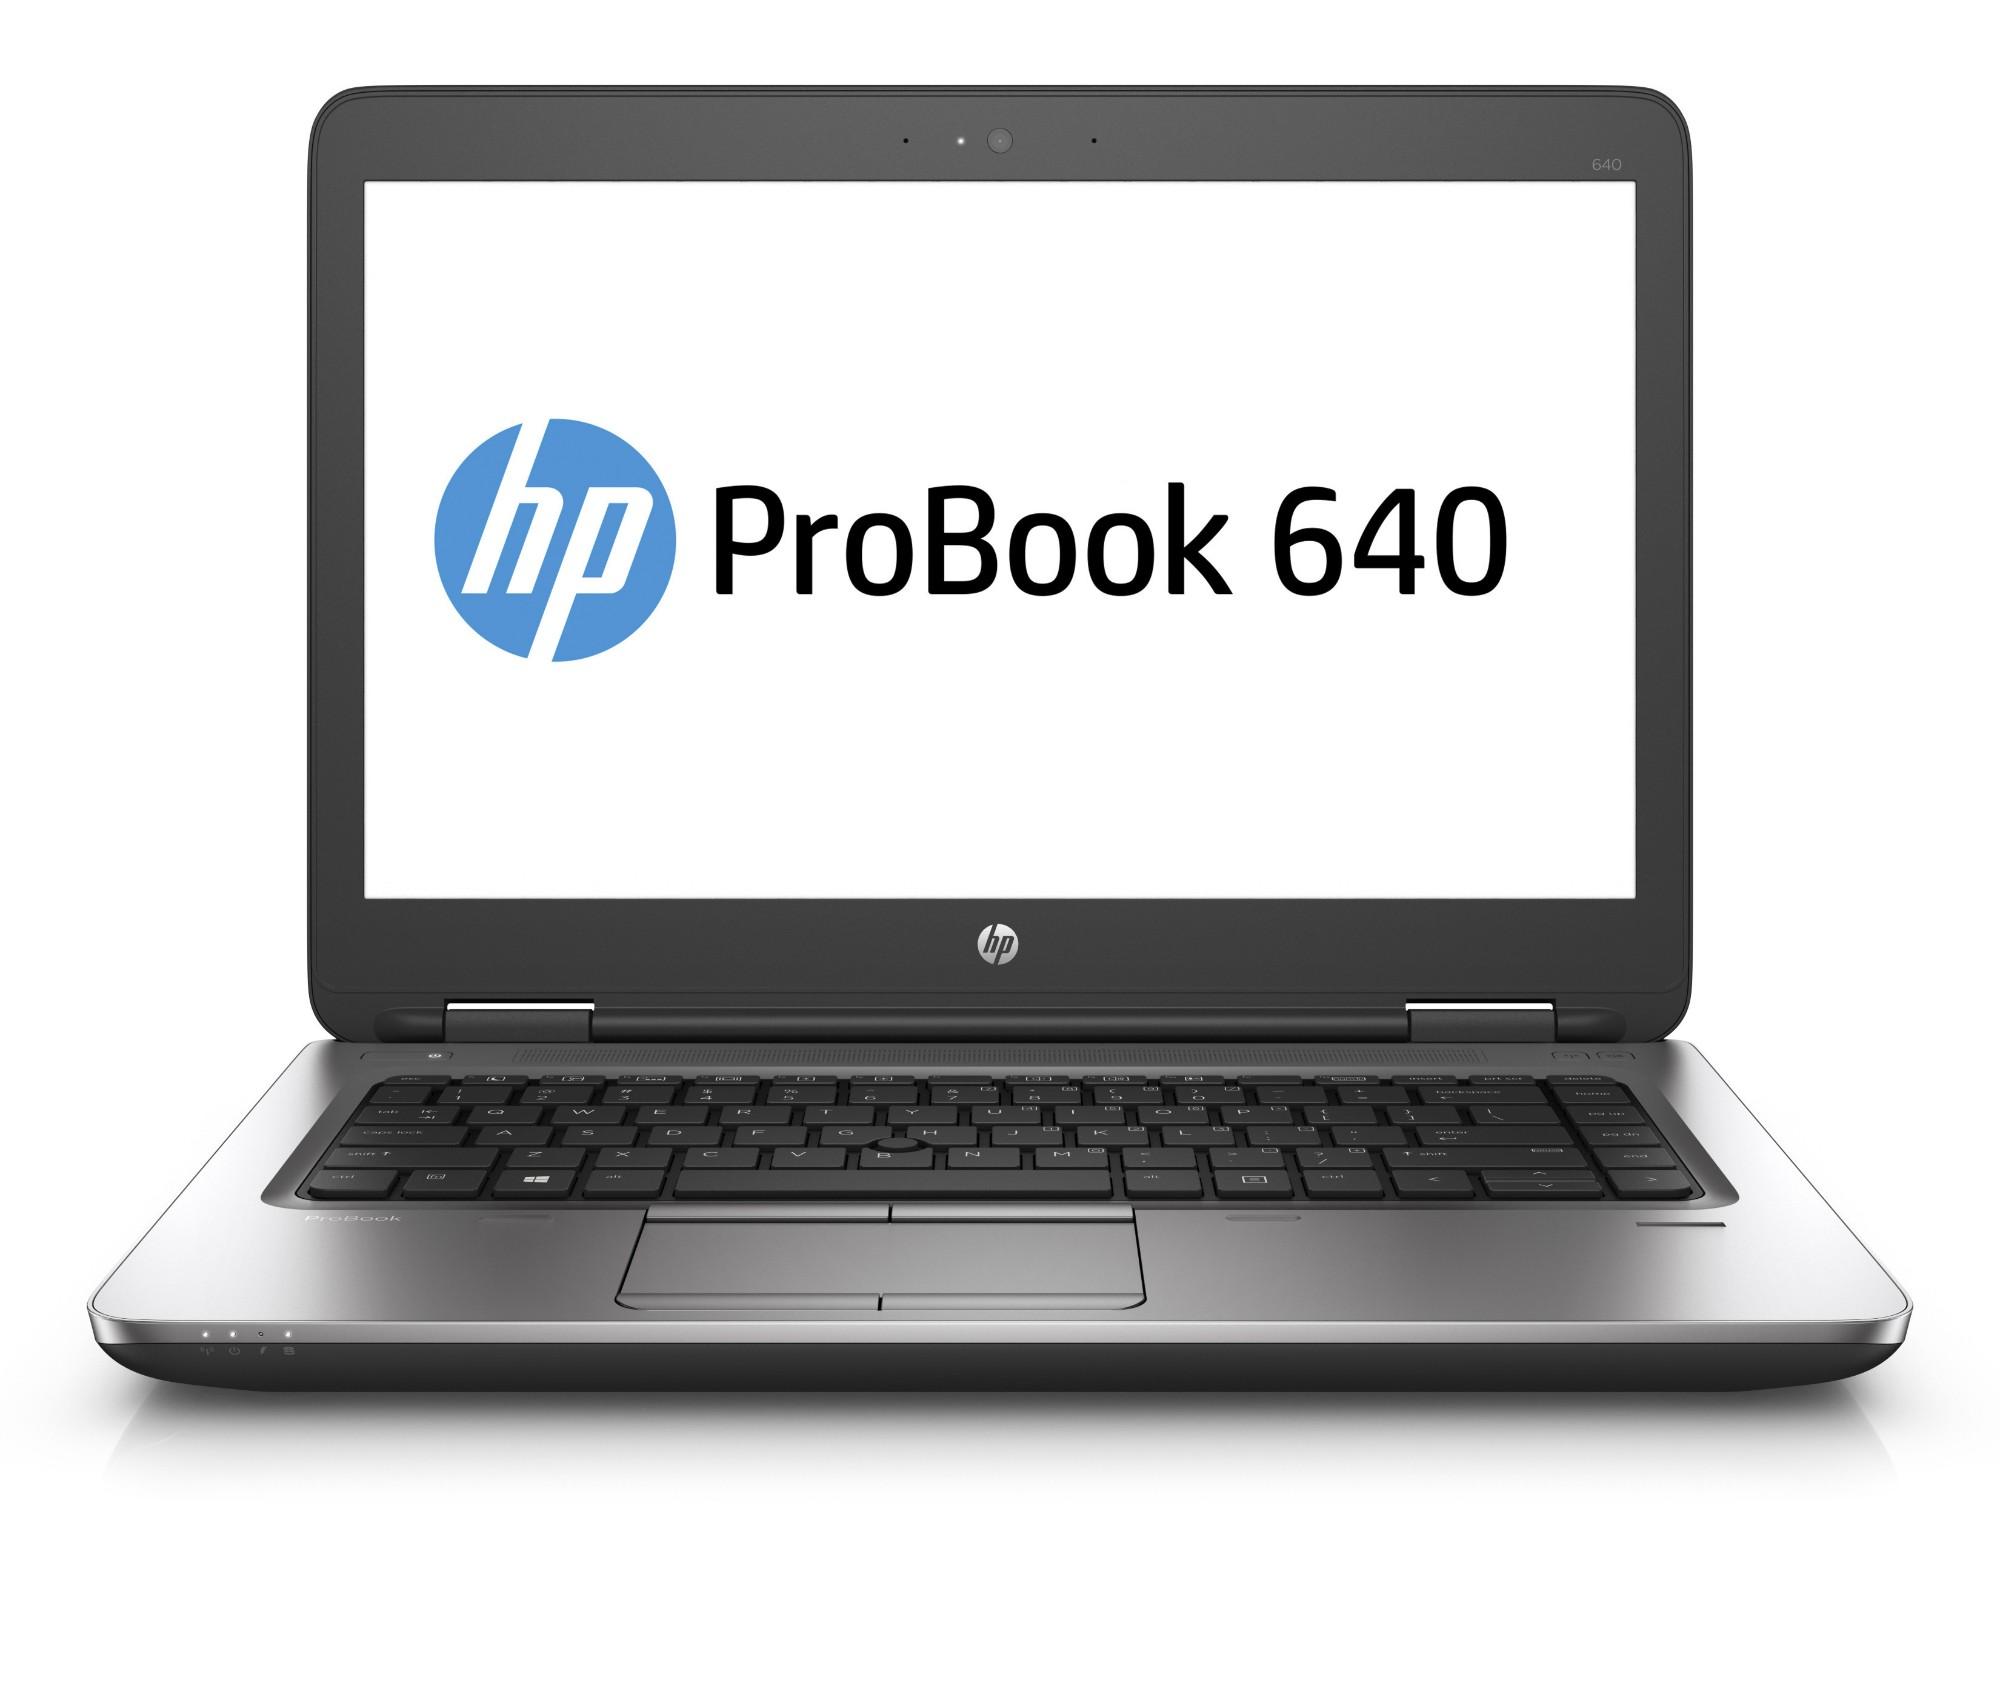 HP ProBook 640 G2 Notebook PC